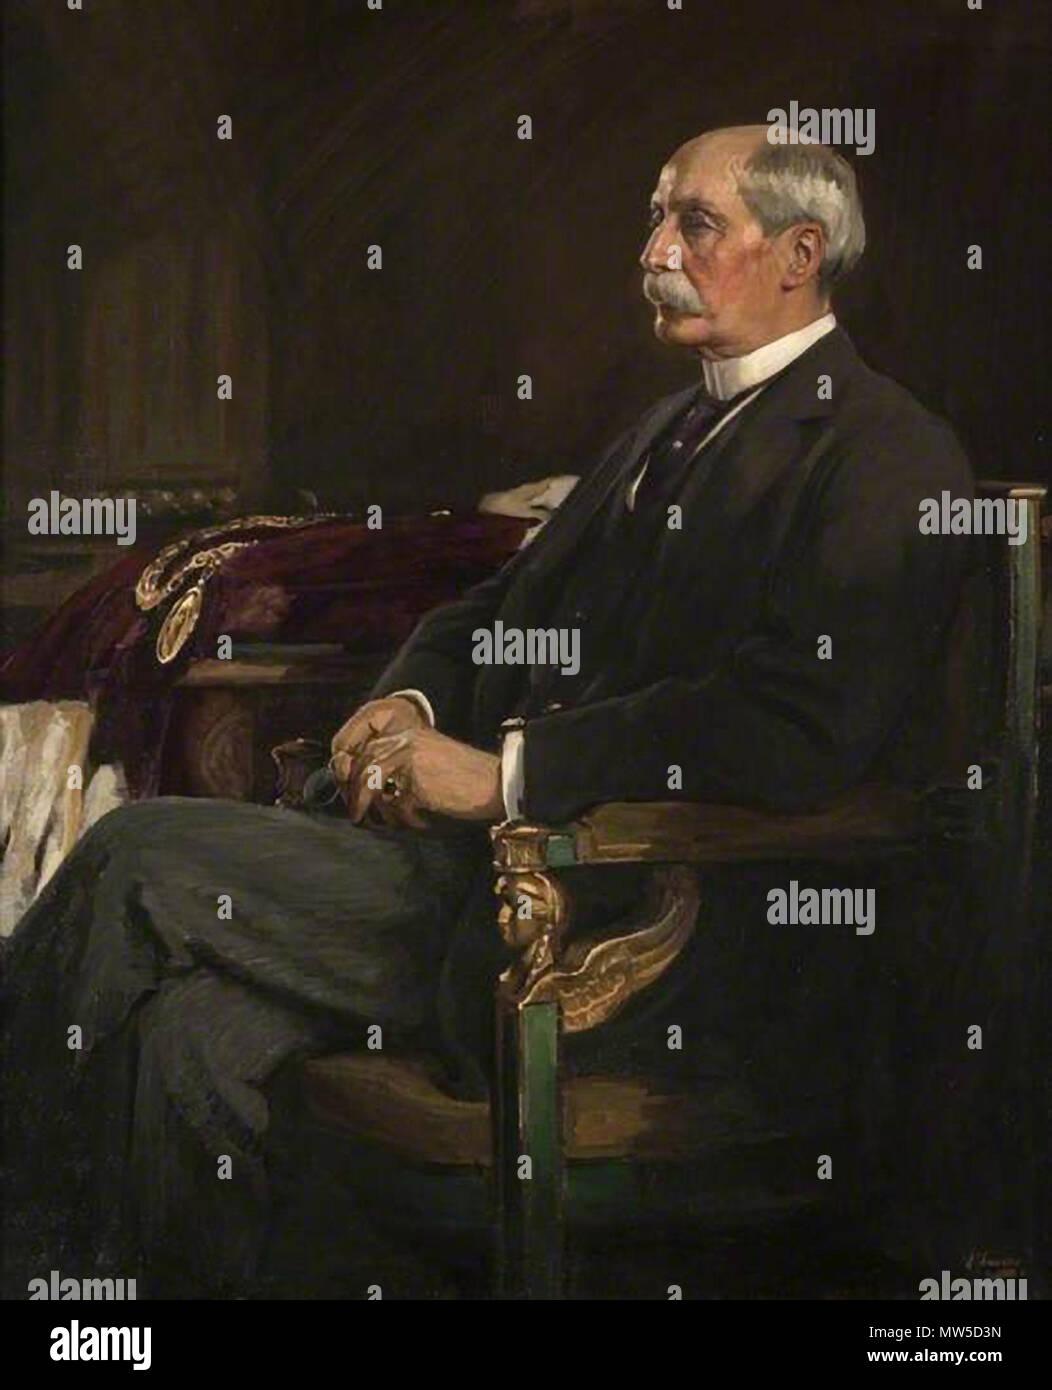 b38b94a557e Джон Лавери (англ. John Lavery) (1856—1941) — ирландский .